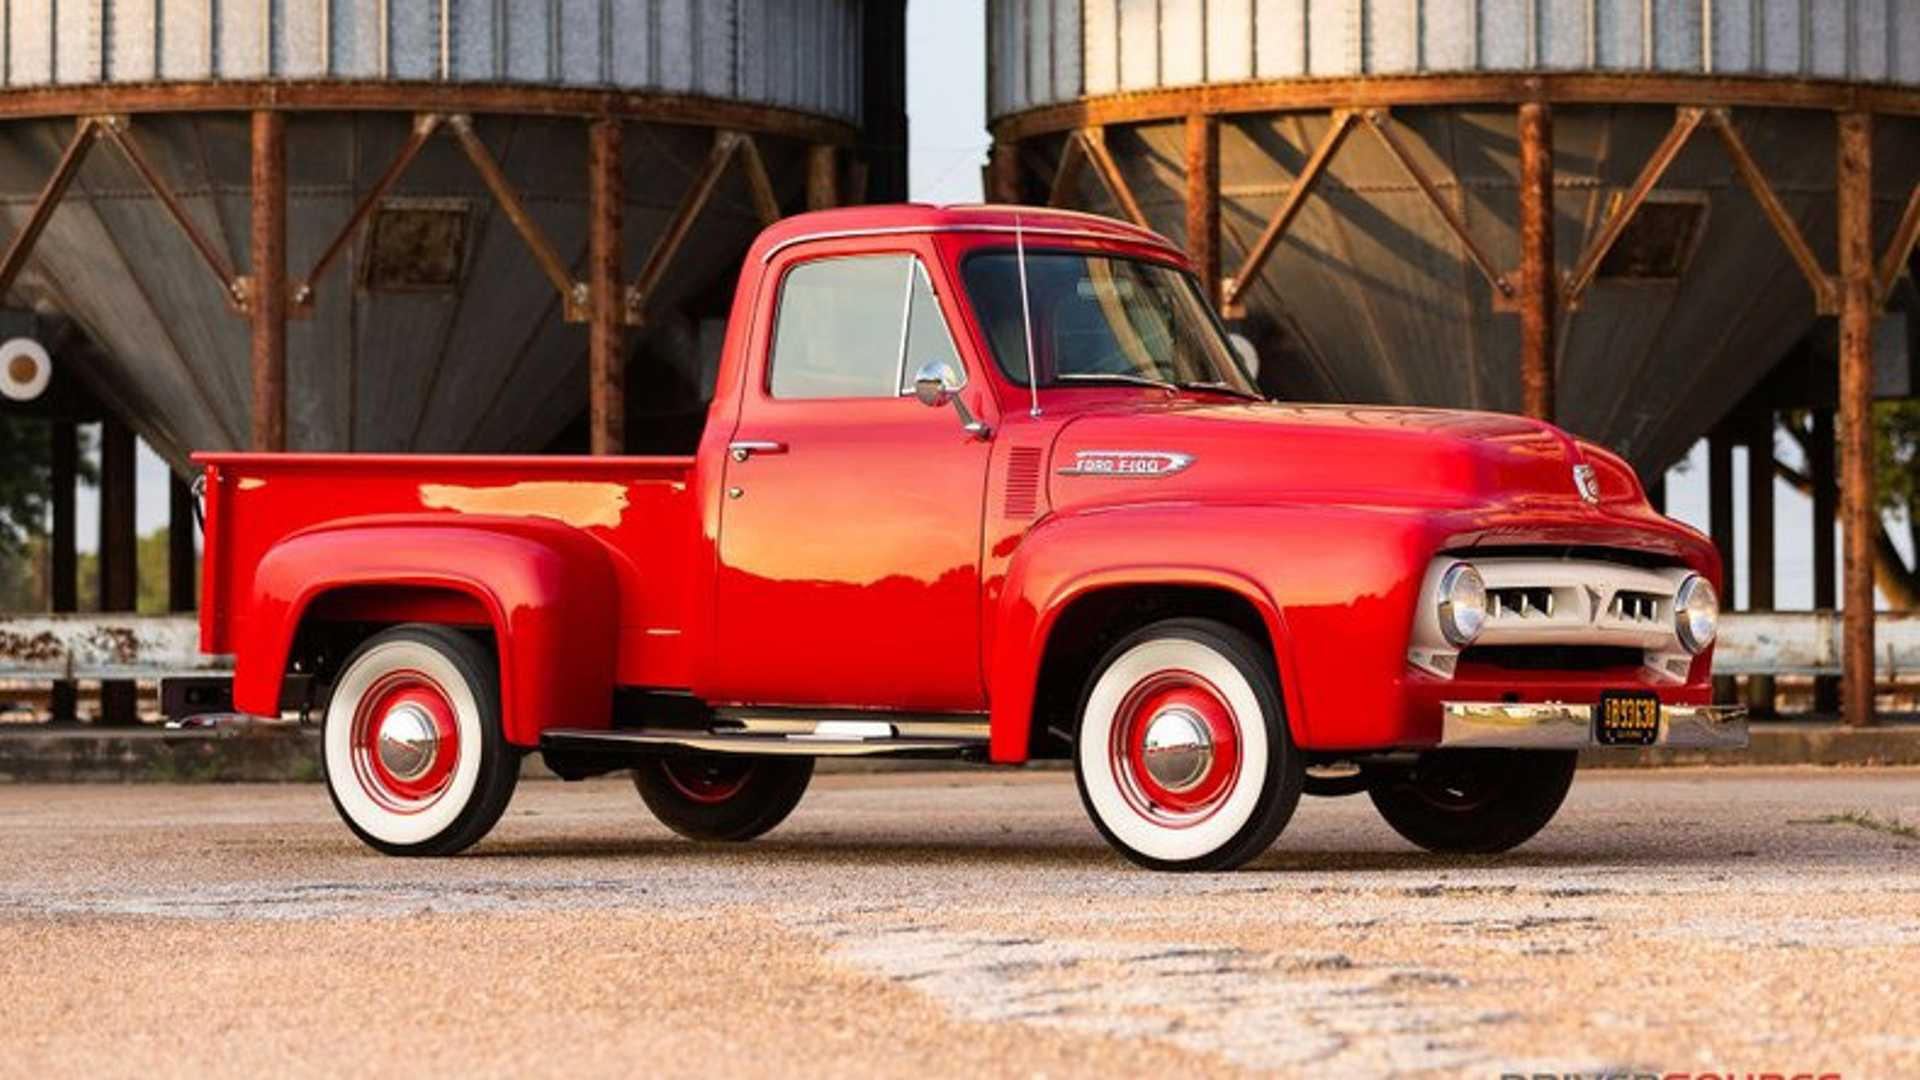 В городе Хьюстон (штат Техас) некто продает 66-летний пикап Ford F100, прошедший комплексную реставрацию. За него просят всего $59 500.